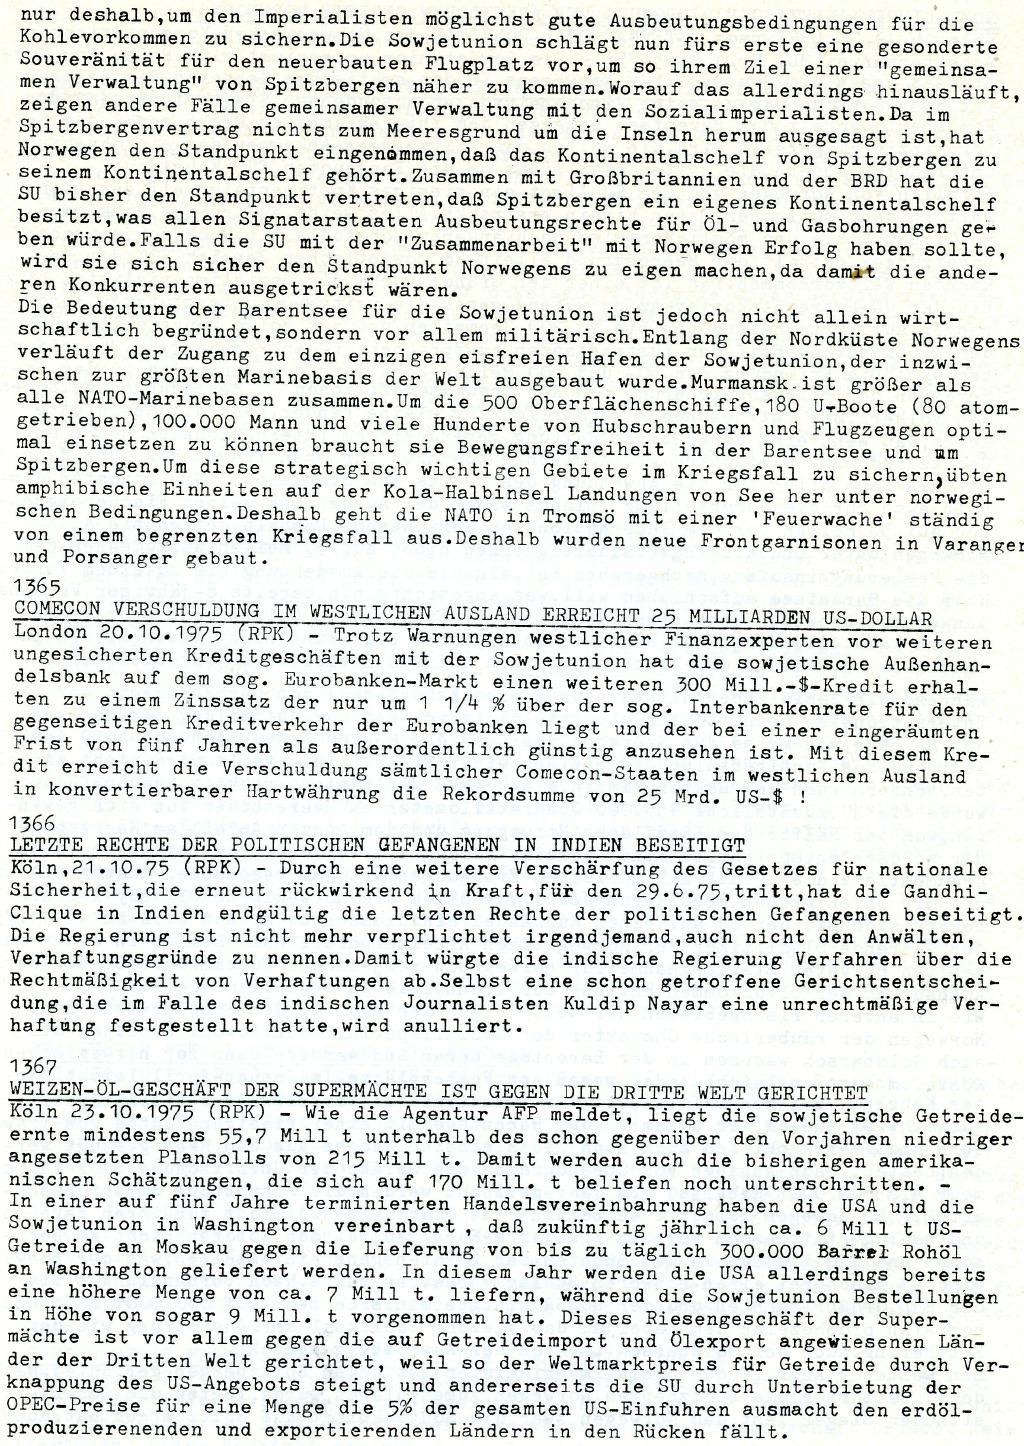 RPK_Pressedienst_1975_49_12